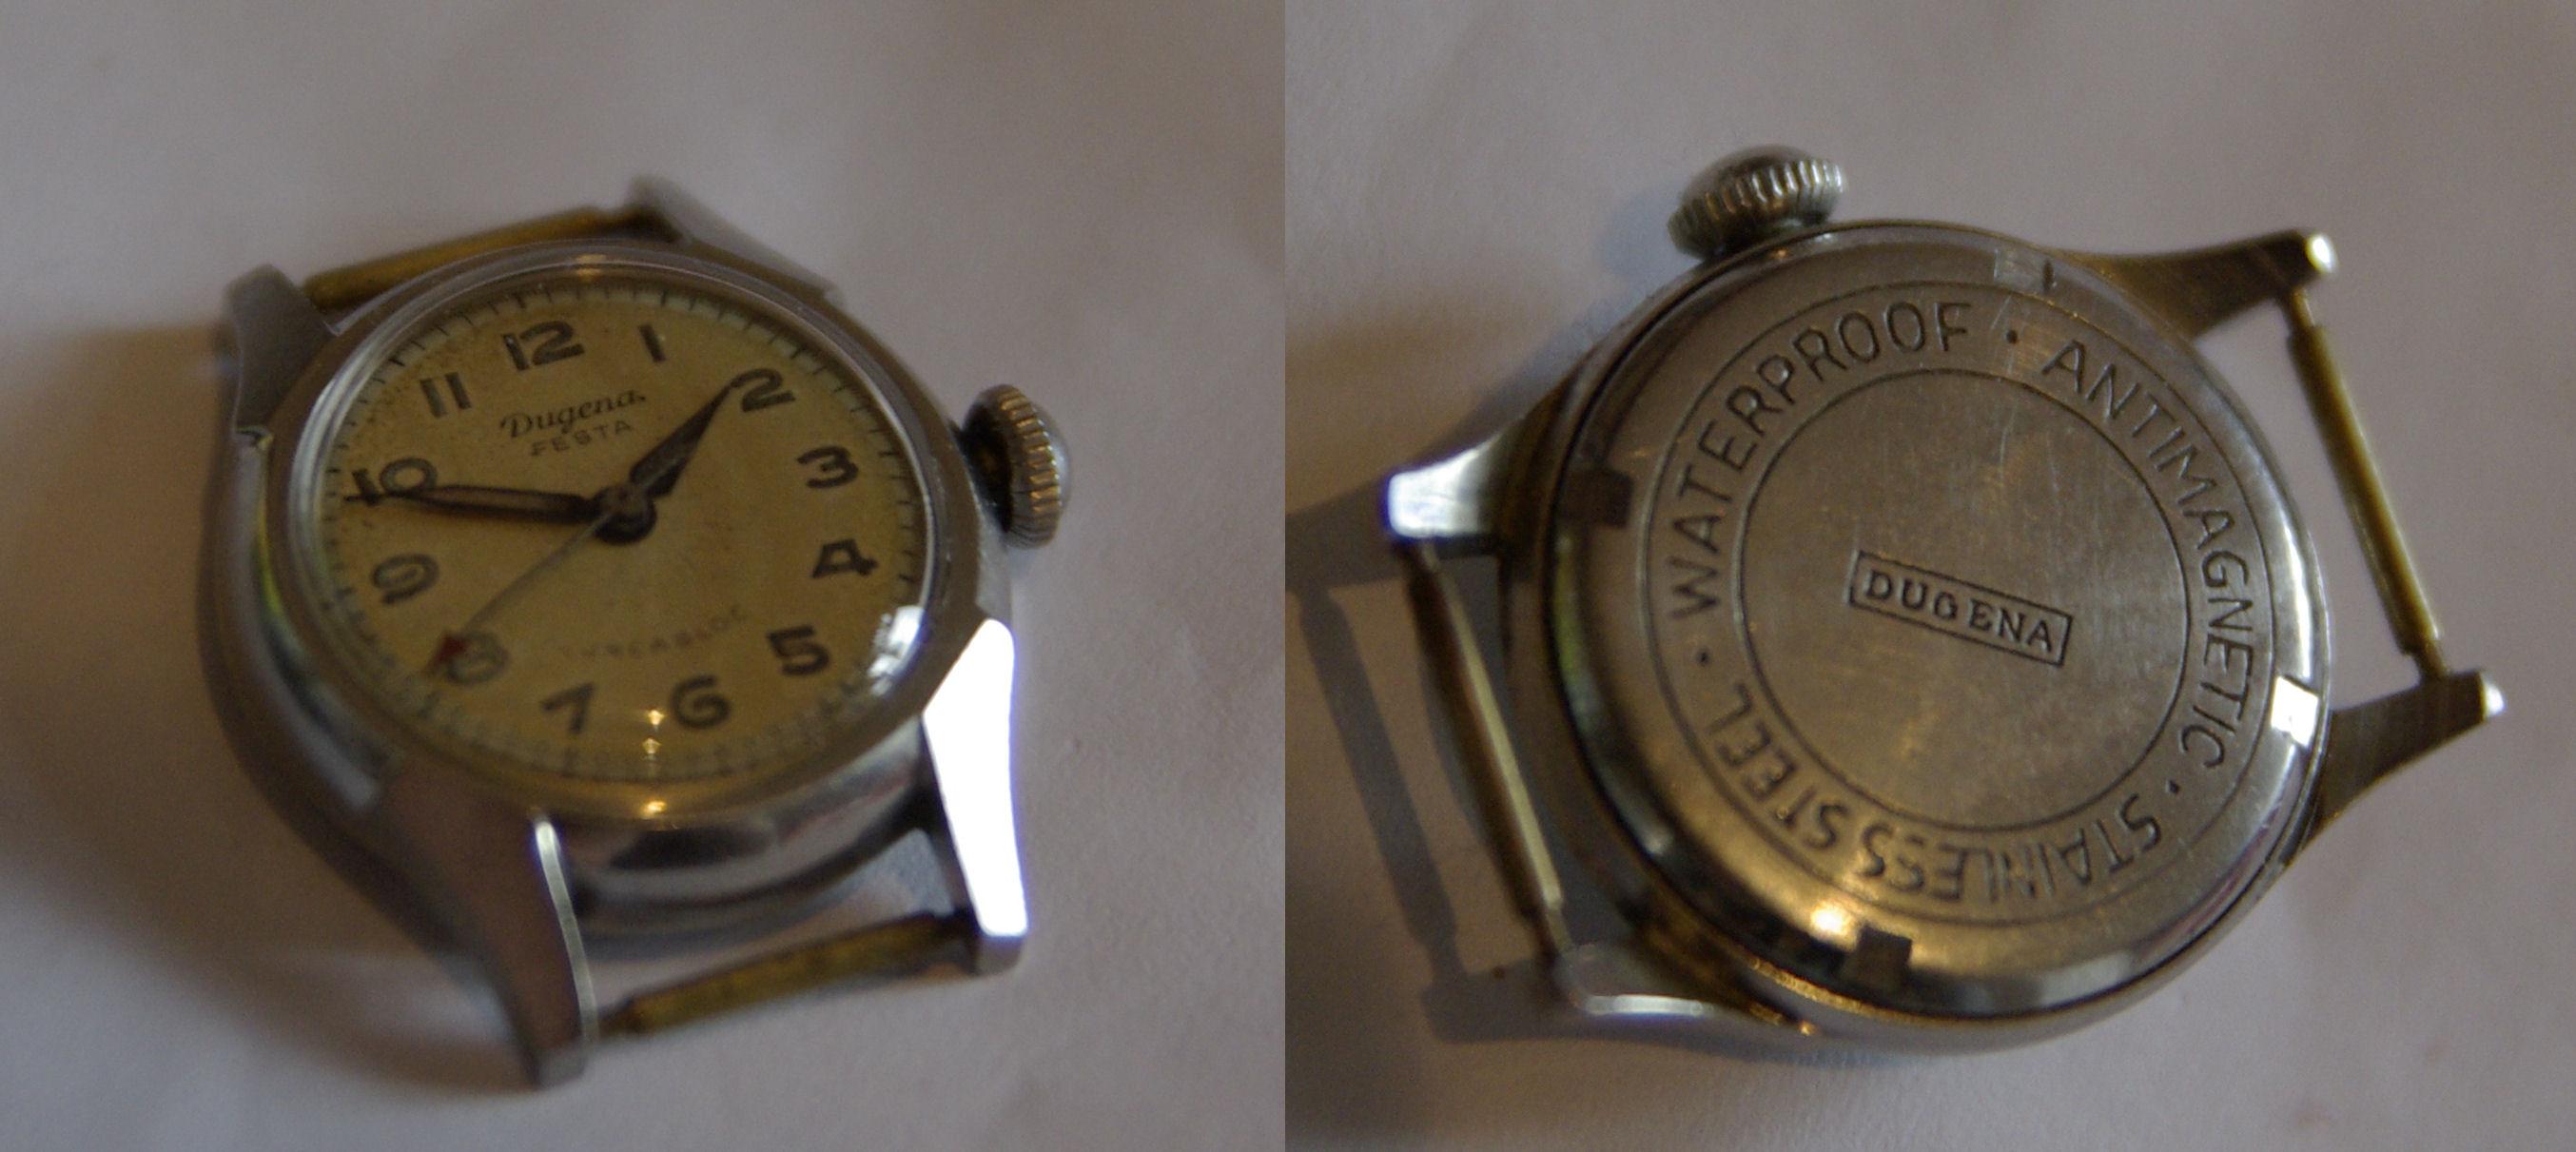 wie alt ist diese uhr schmuck antiquit ten armbanduhr. Black Bedroom Furniture Sets. Home Design Ideas